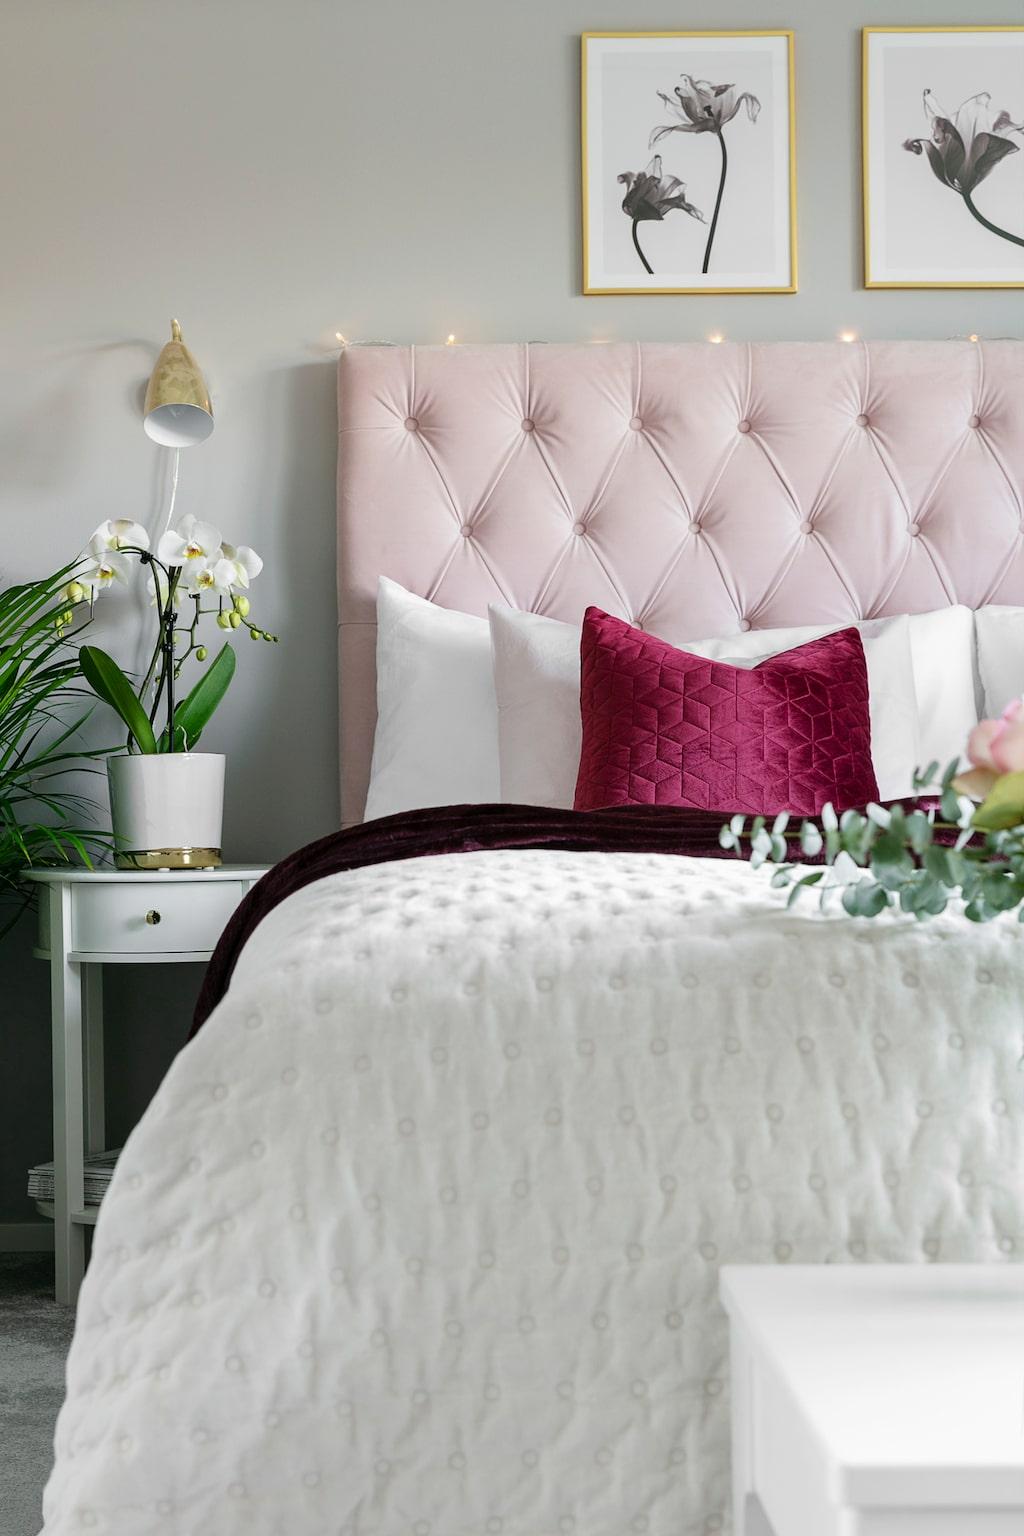 """Sängen i det ombonade sovrummet, som för tankarna till ett lyxigt hotellrum, är alltid bäddad med kuddar och överkast. Sabina mår bäst av att ha det rent, snyggt och städat. """"Jag går och plockar hela tiden"""", förklarar hon. Nattygsbord Jysk. Säng, Ikea, med sänggavel från Ellos. Överkast, Jotex. Kuddar Rusta. Sänglampa, Jotex."""